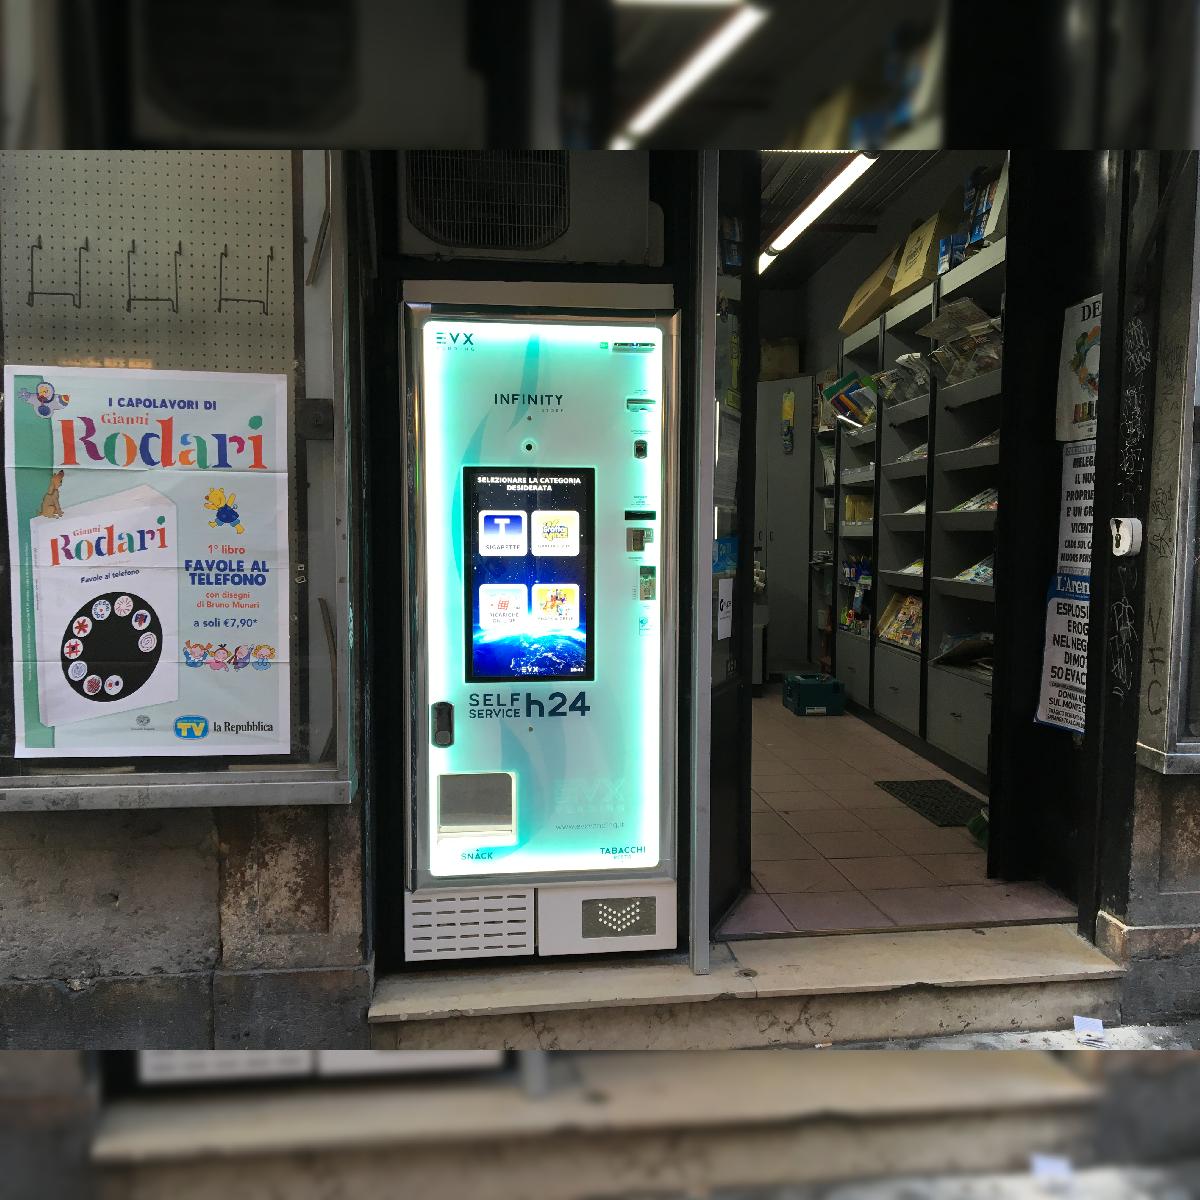 Distributore automatico di sigarette EVX Infinity Store (4)